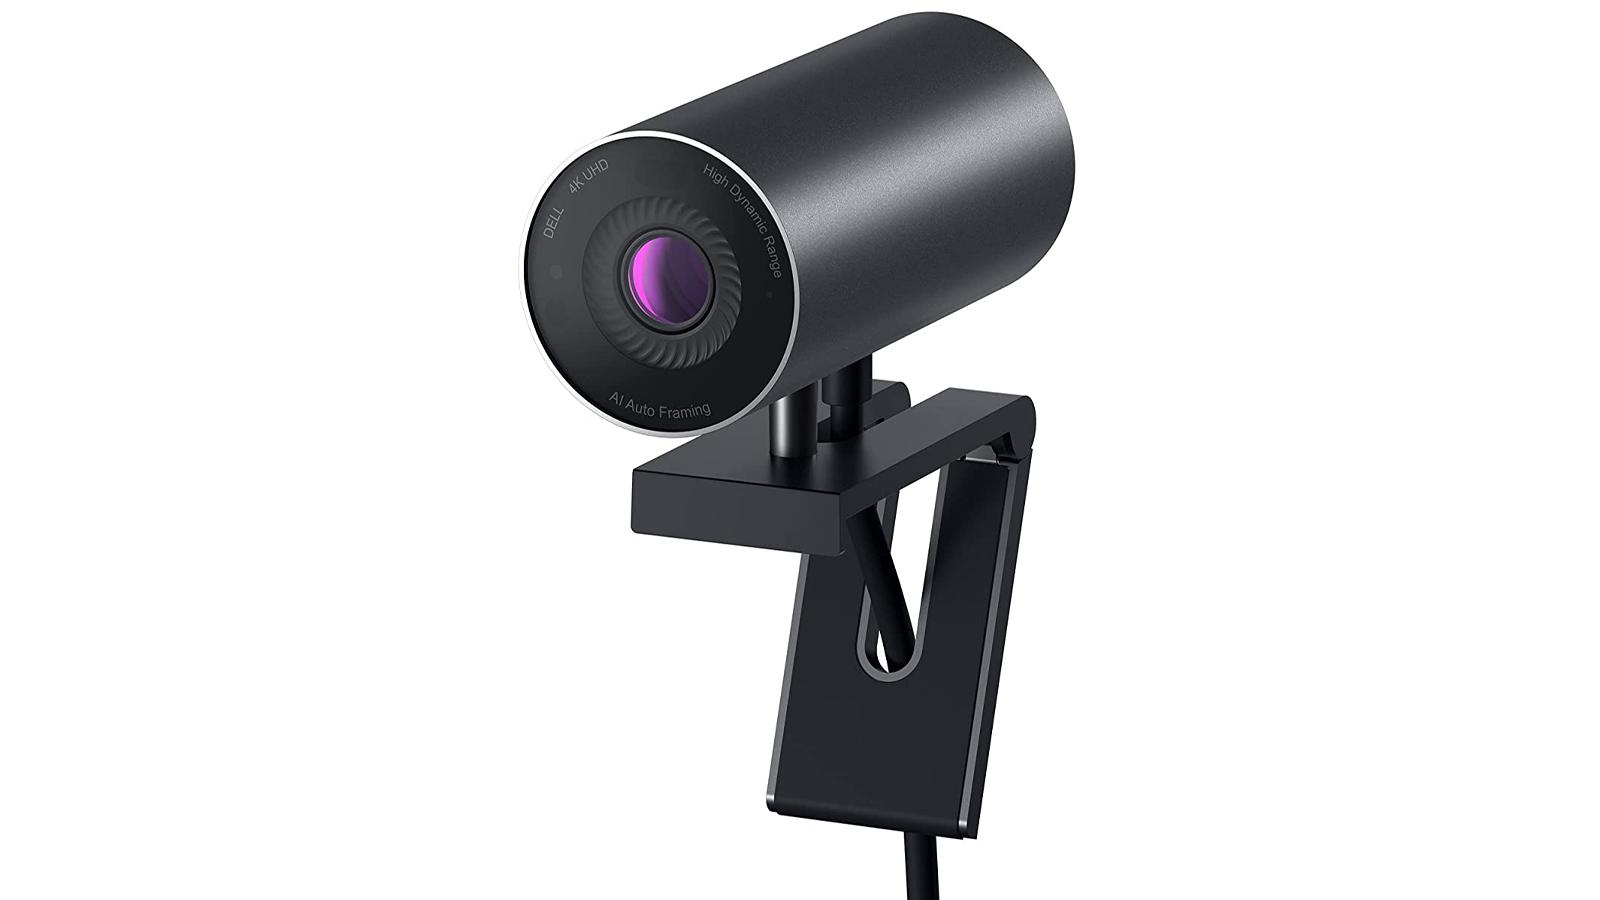 Dell UltraSharp 4K HDR webcam